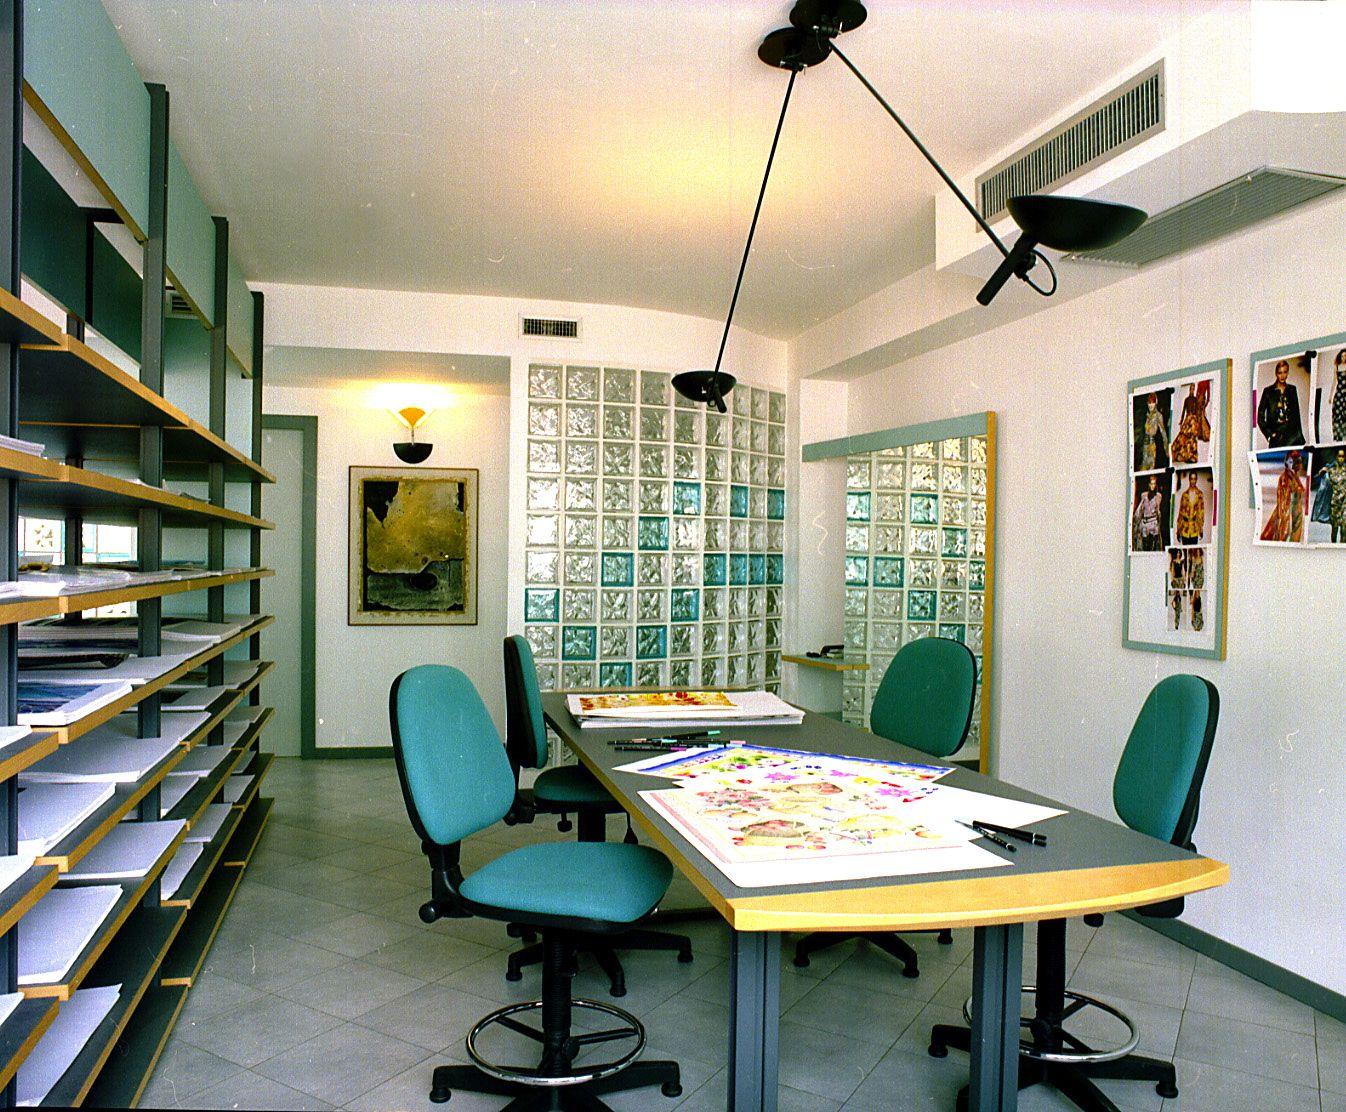 Ufficio Lavoro Milano : Area di lavoro ufficio milano pozzi arredamenti offices